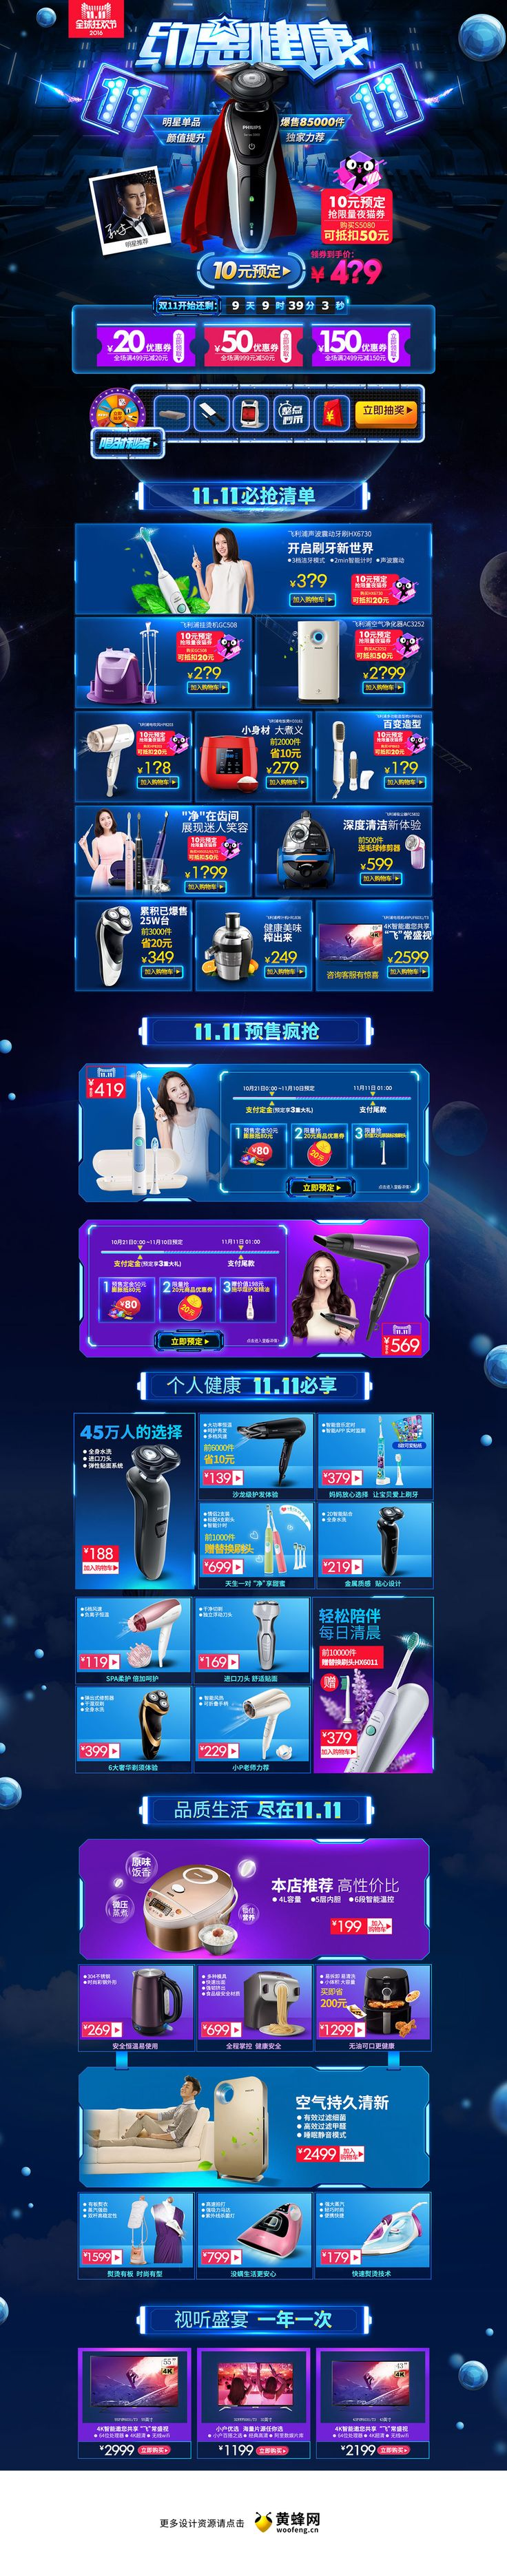 飞利浦电器家电3C数码家用电器天猫双11预售双十一预售首页页面设计 更多设计资源尽在黄蜂网http://woofeng.cn/